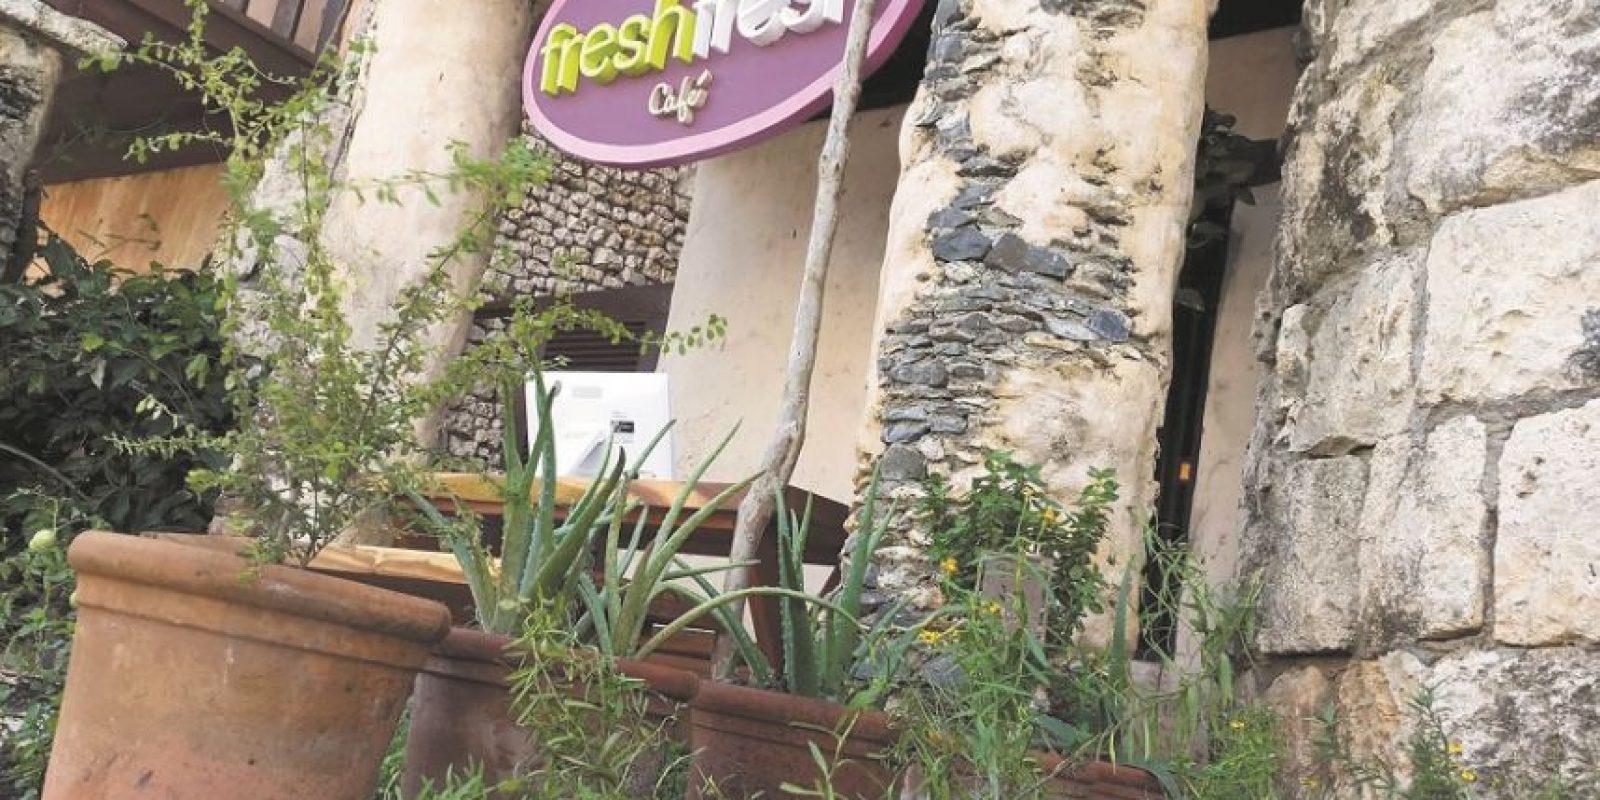 Mi día a día. Un comienzo Fresh Fresh. Altos de Chavón tiene que ser uno de los lugares más especiales del mundo.Lo tiene todo: un paisaje impresionante, buen clima, silencio, dónde comprar, dónde bailar y dónde comer. Un nuevo rincón nos permite ser testigos de ello. Se llama Fresh Fresh Café, y es primo hermano de Fresh Fresh de Sosúa, Cabarete. Tiene opciones saludables de desayuno, comida y cena. Además, funciona como un mercadito. Sus dueños desean promover el estilo de vida saludable a través de esos productos. Su decoración grita bienestar por todos los lados. ¿Recomendación? Egg and Bacon Burger y los deliciosos smoothies. Horario: 8am a 7:00 pm. Teléfono: 809-523-8958 Foto:Fuente Externa